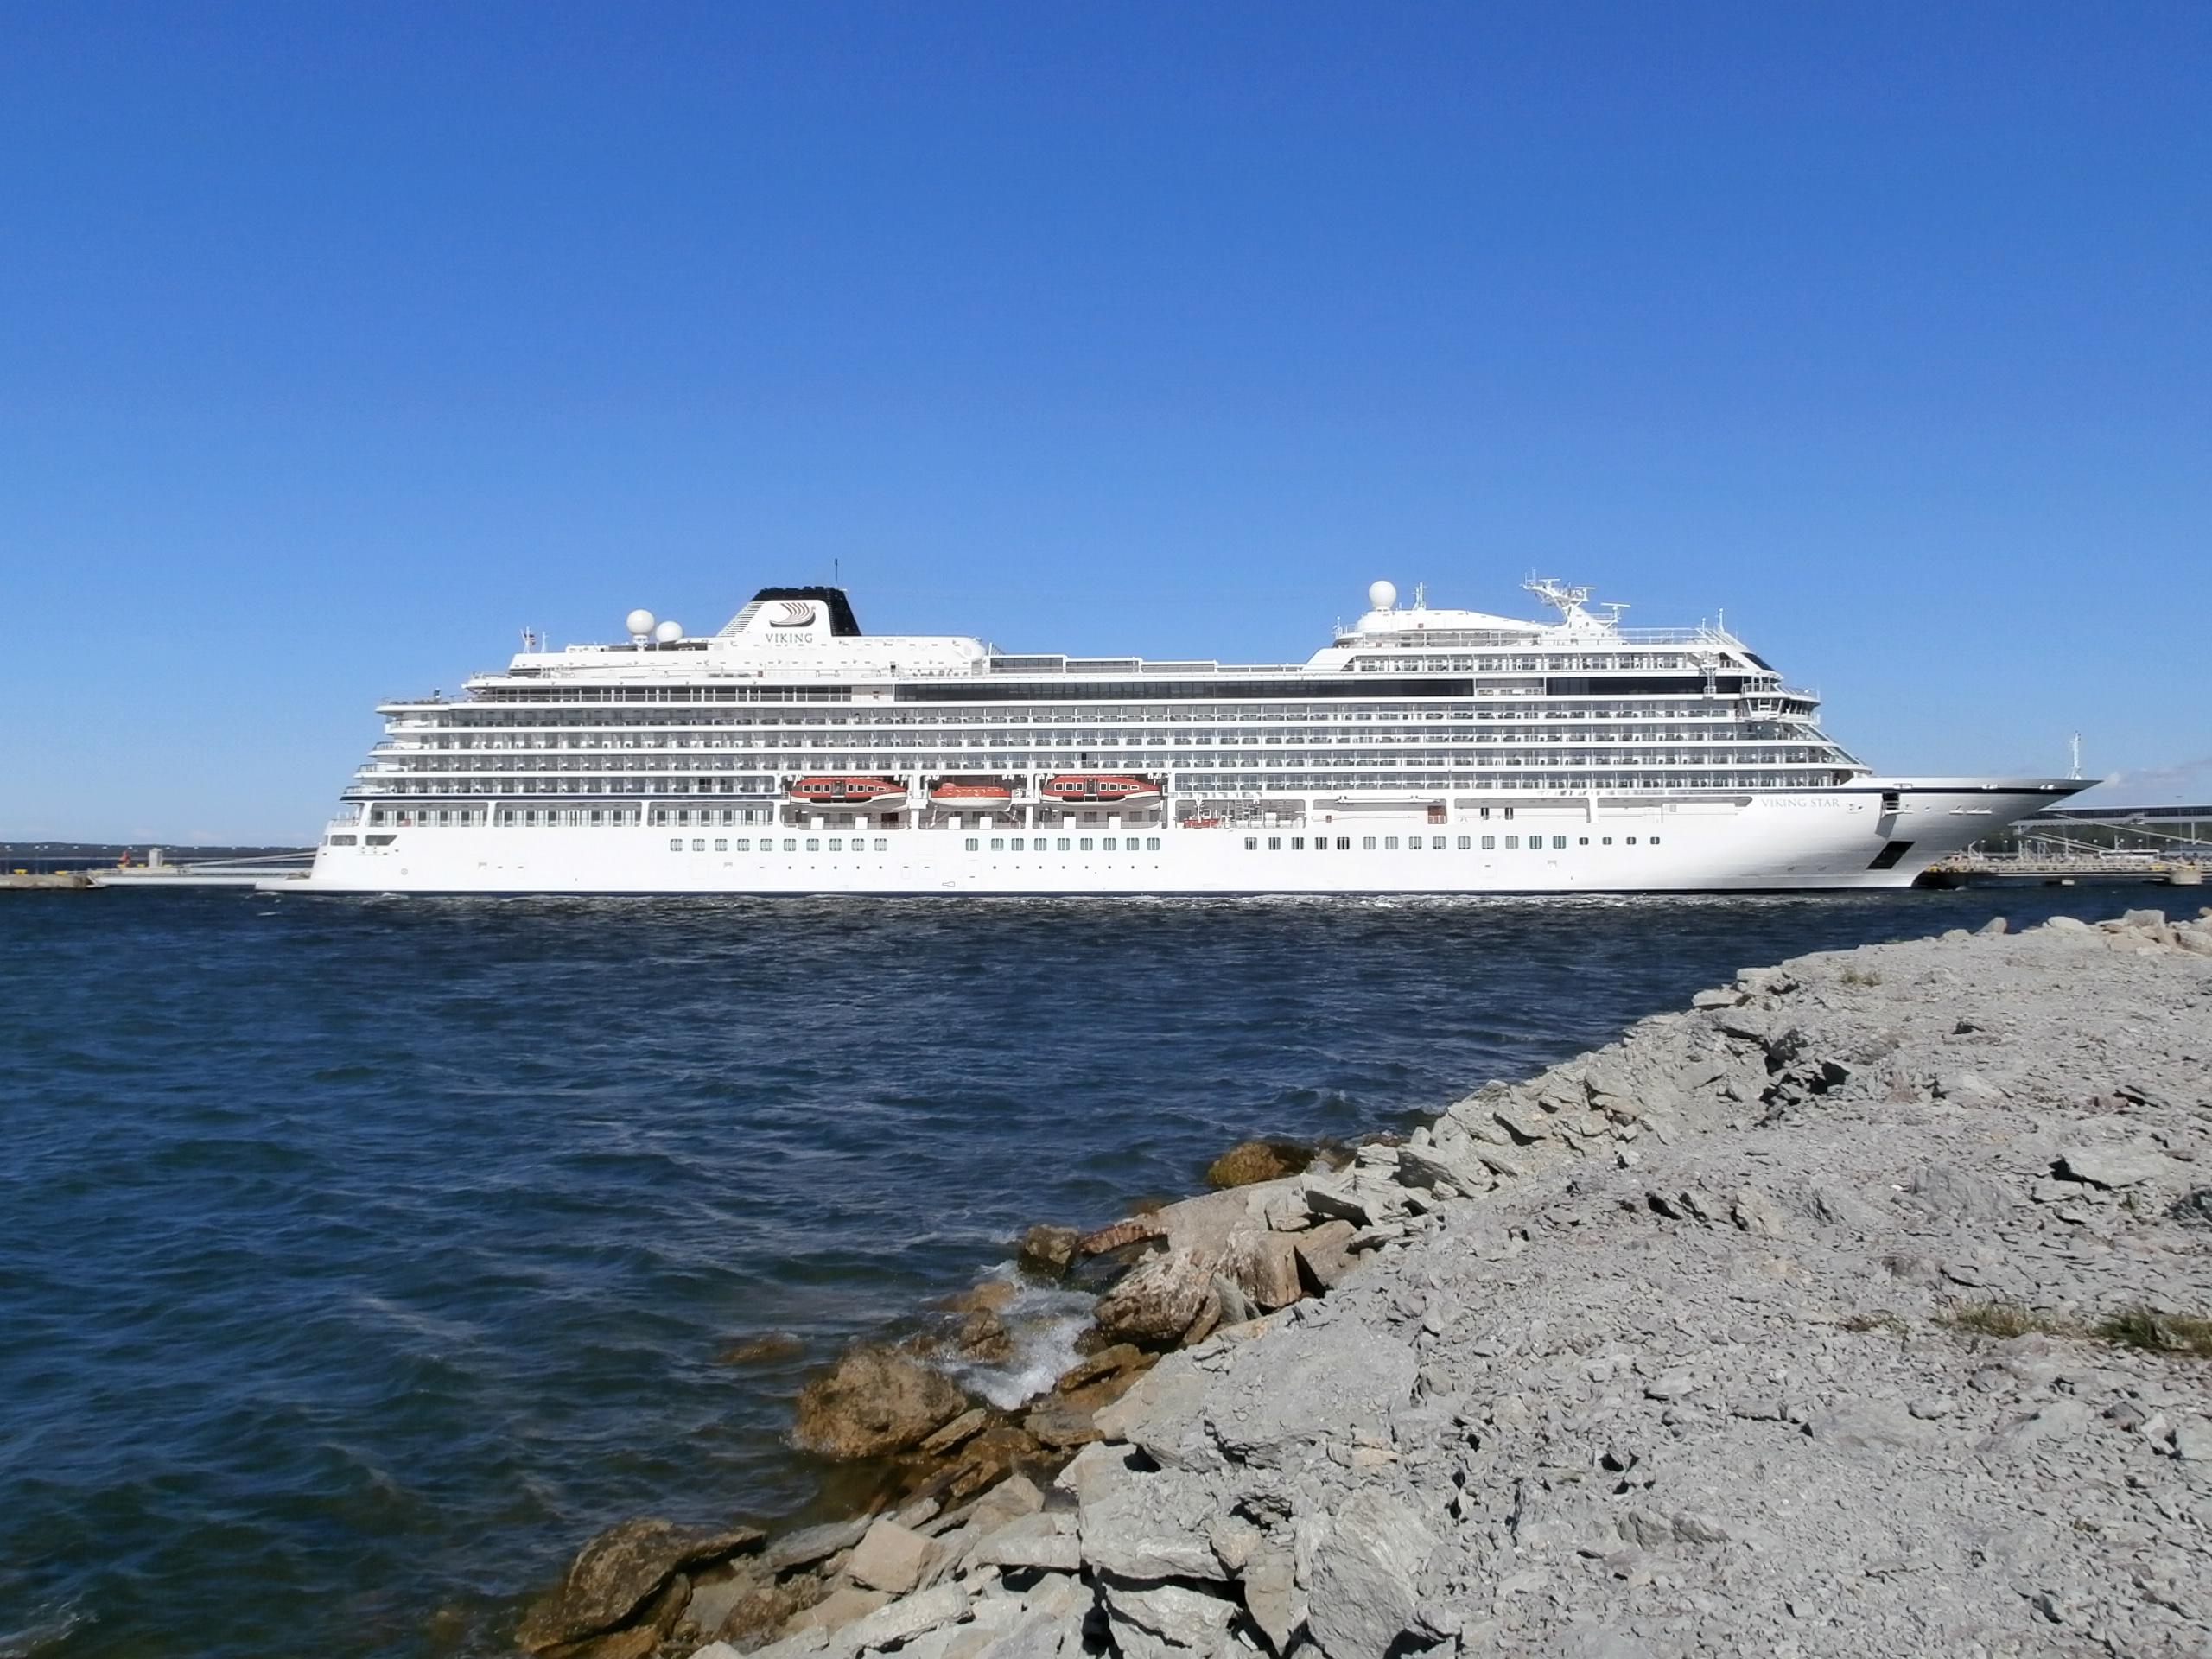 FileViking Star Starboard Side Port Of Tallinn June JPG - Port or starboard side of cruise ship